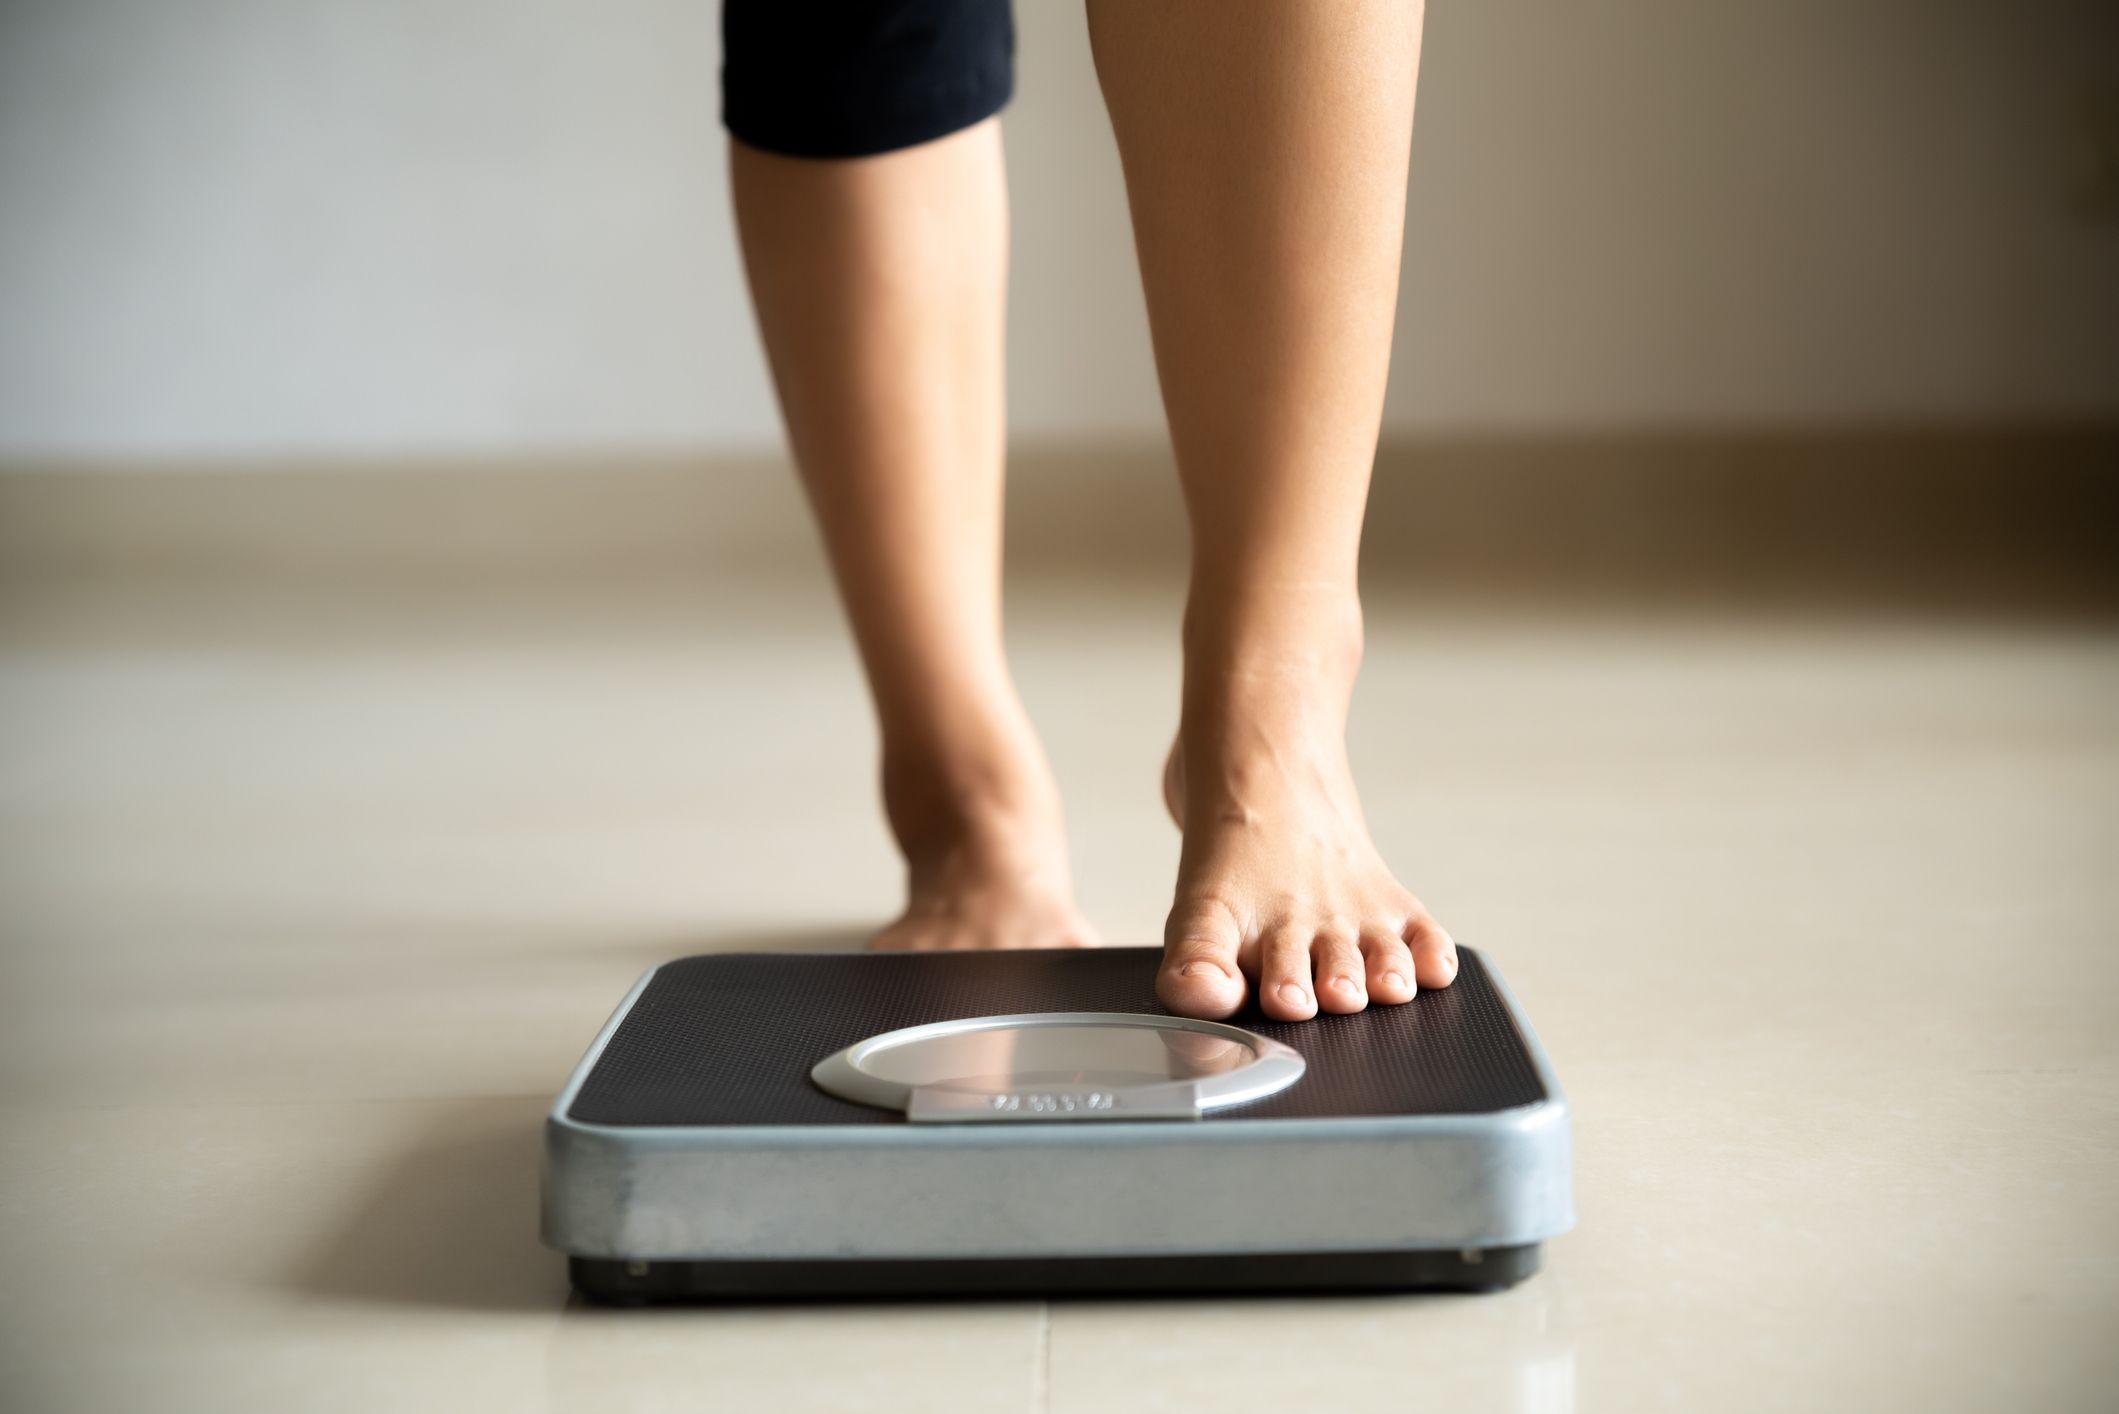 pouvez-vous perdre des centimètres avant de perdre du poids ne peut pas perdre du poids à 25 ans